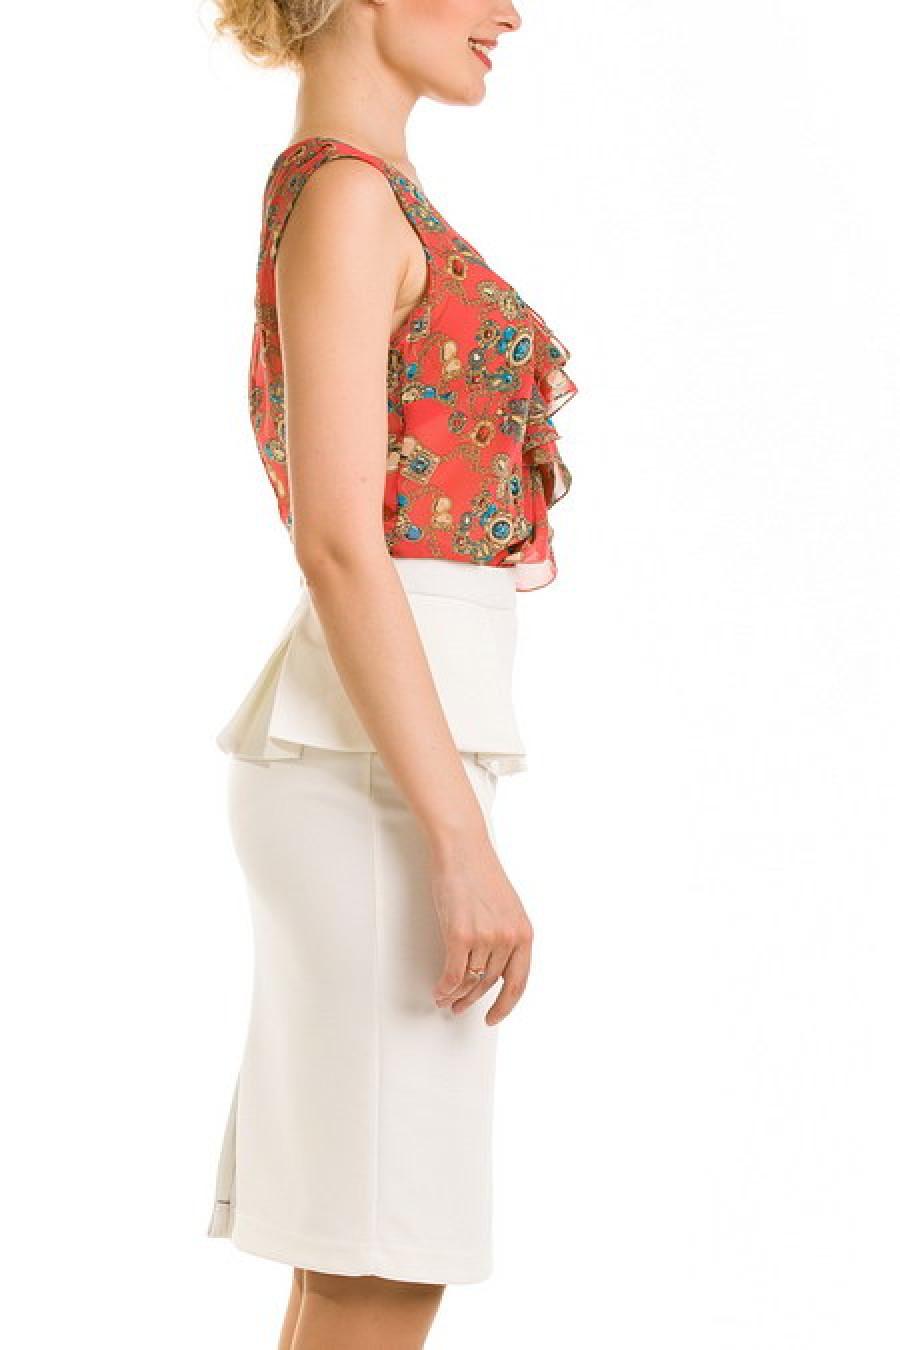 Недорогой Интернет Магазин Женской Одежды Наложенным Платежом